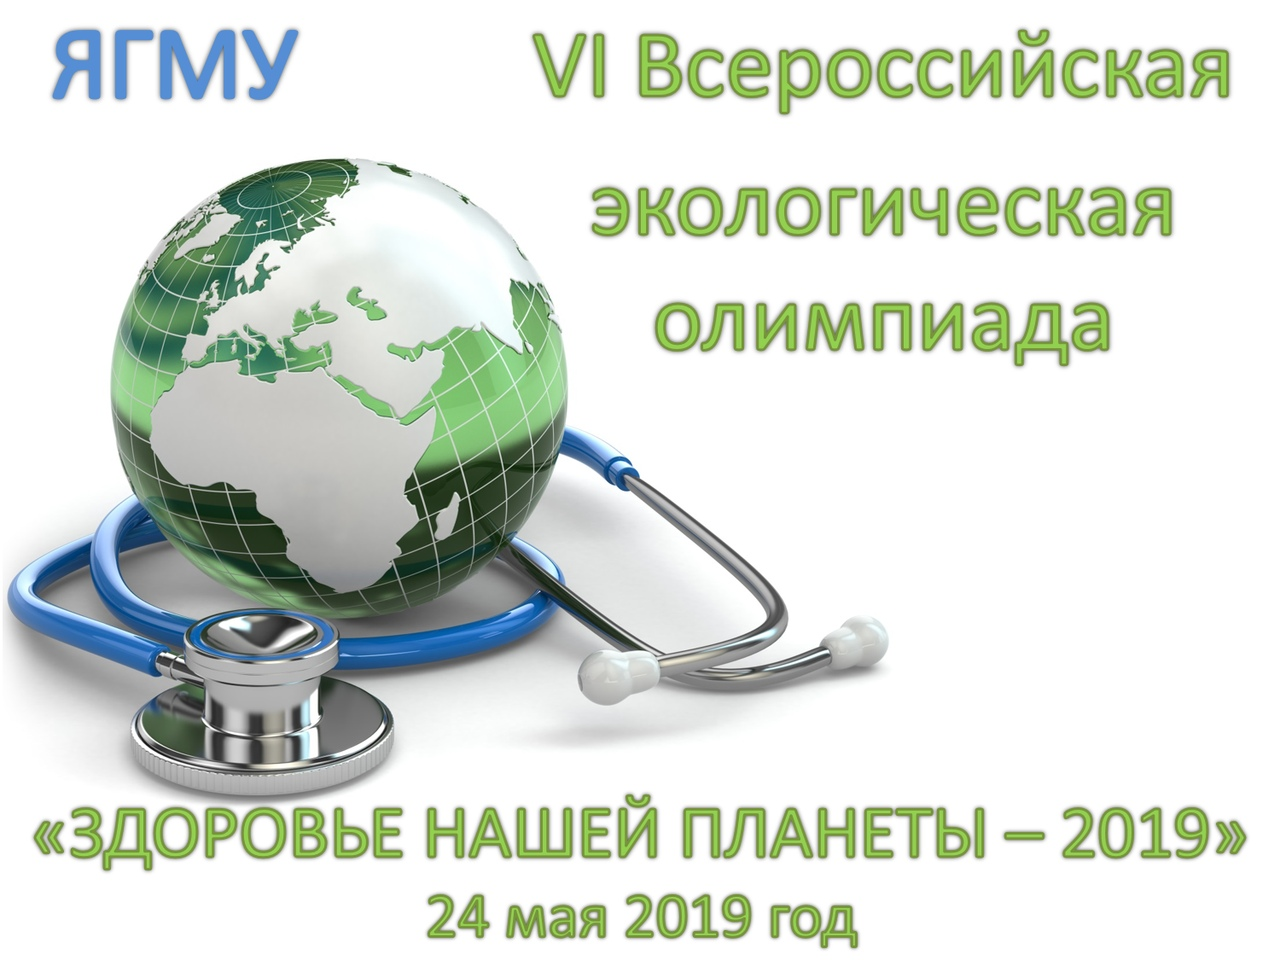 Афиша Ярославль VII Всероссийская экологическая олимпиада